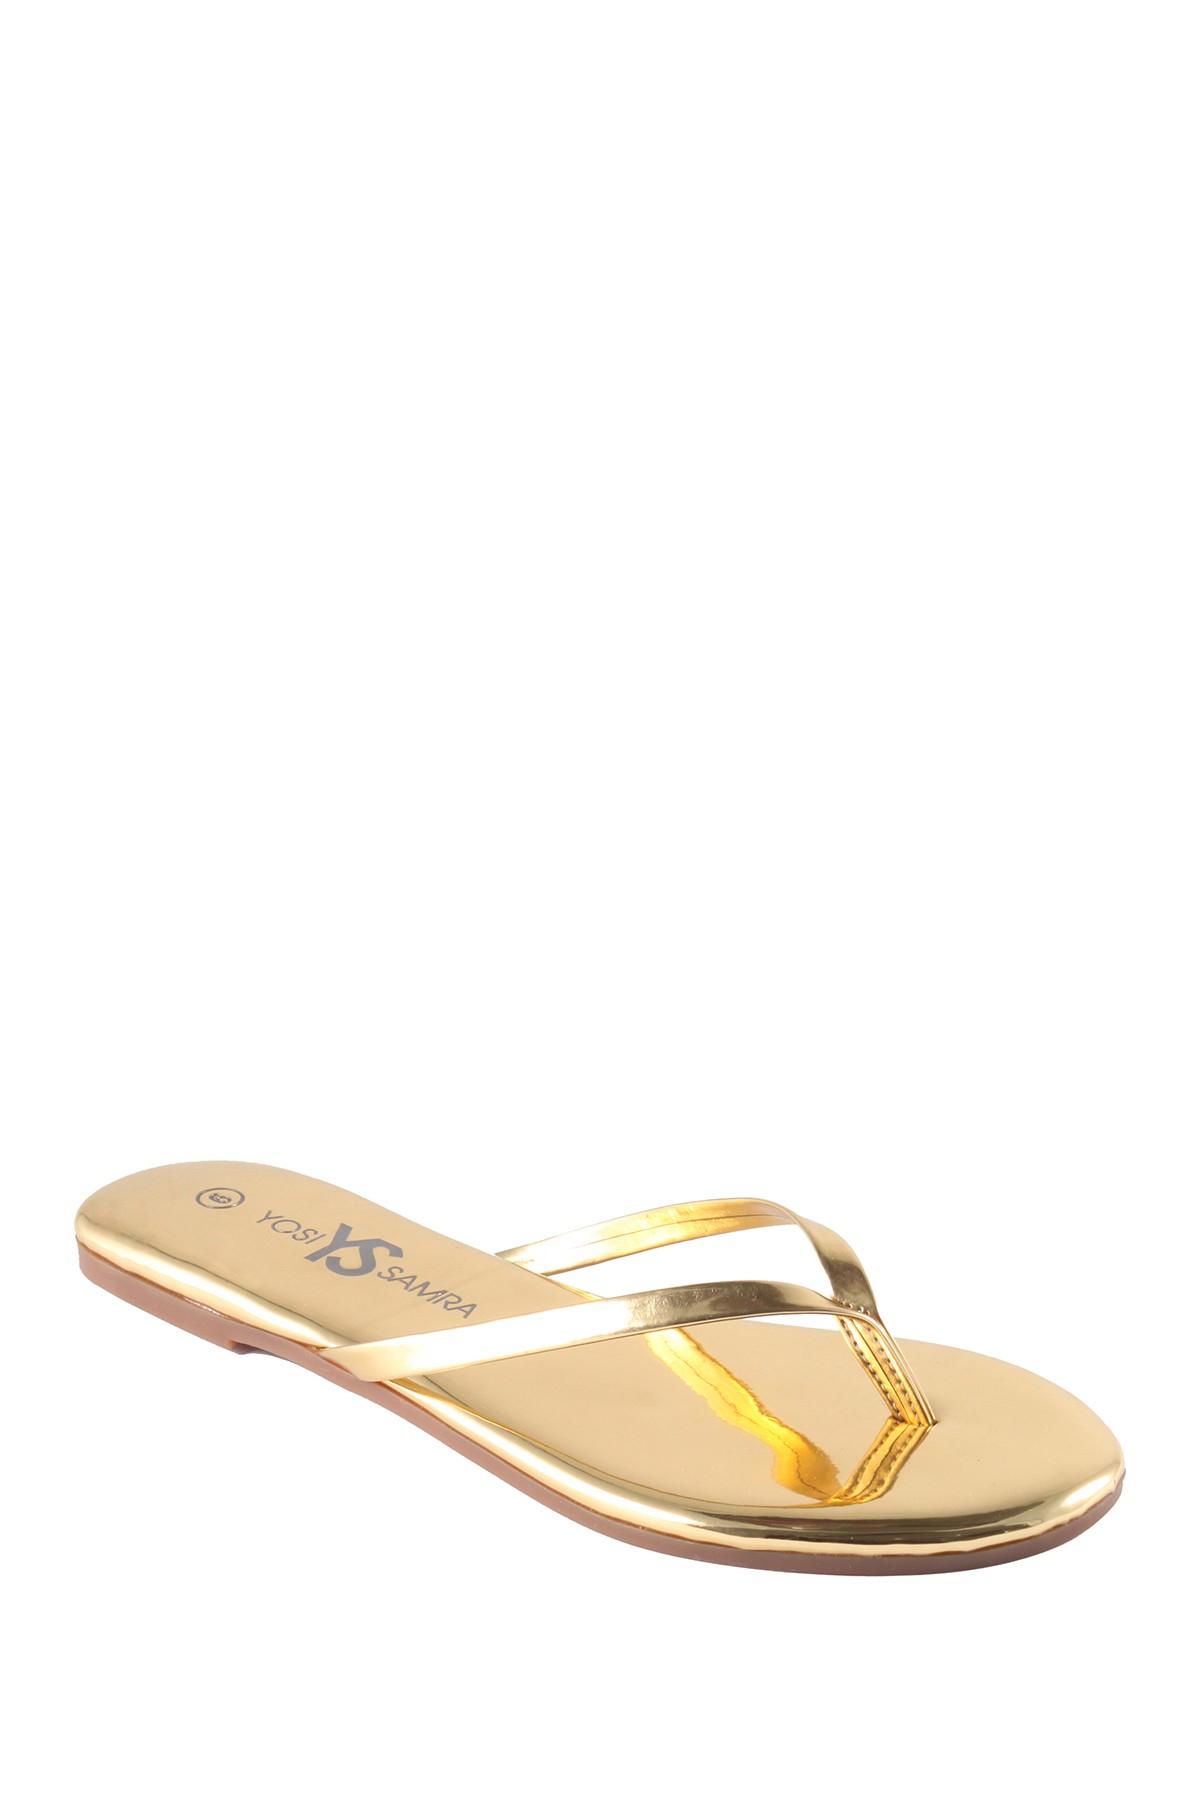 7b9f2f37f77 Ugg Tasmina Flat Toe Post Sandals